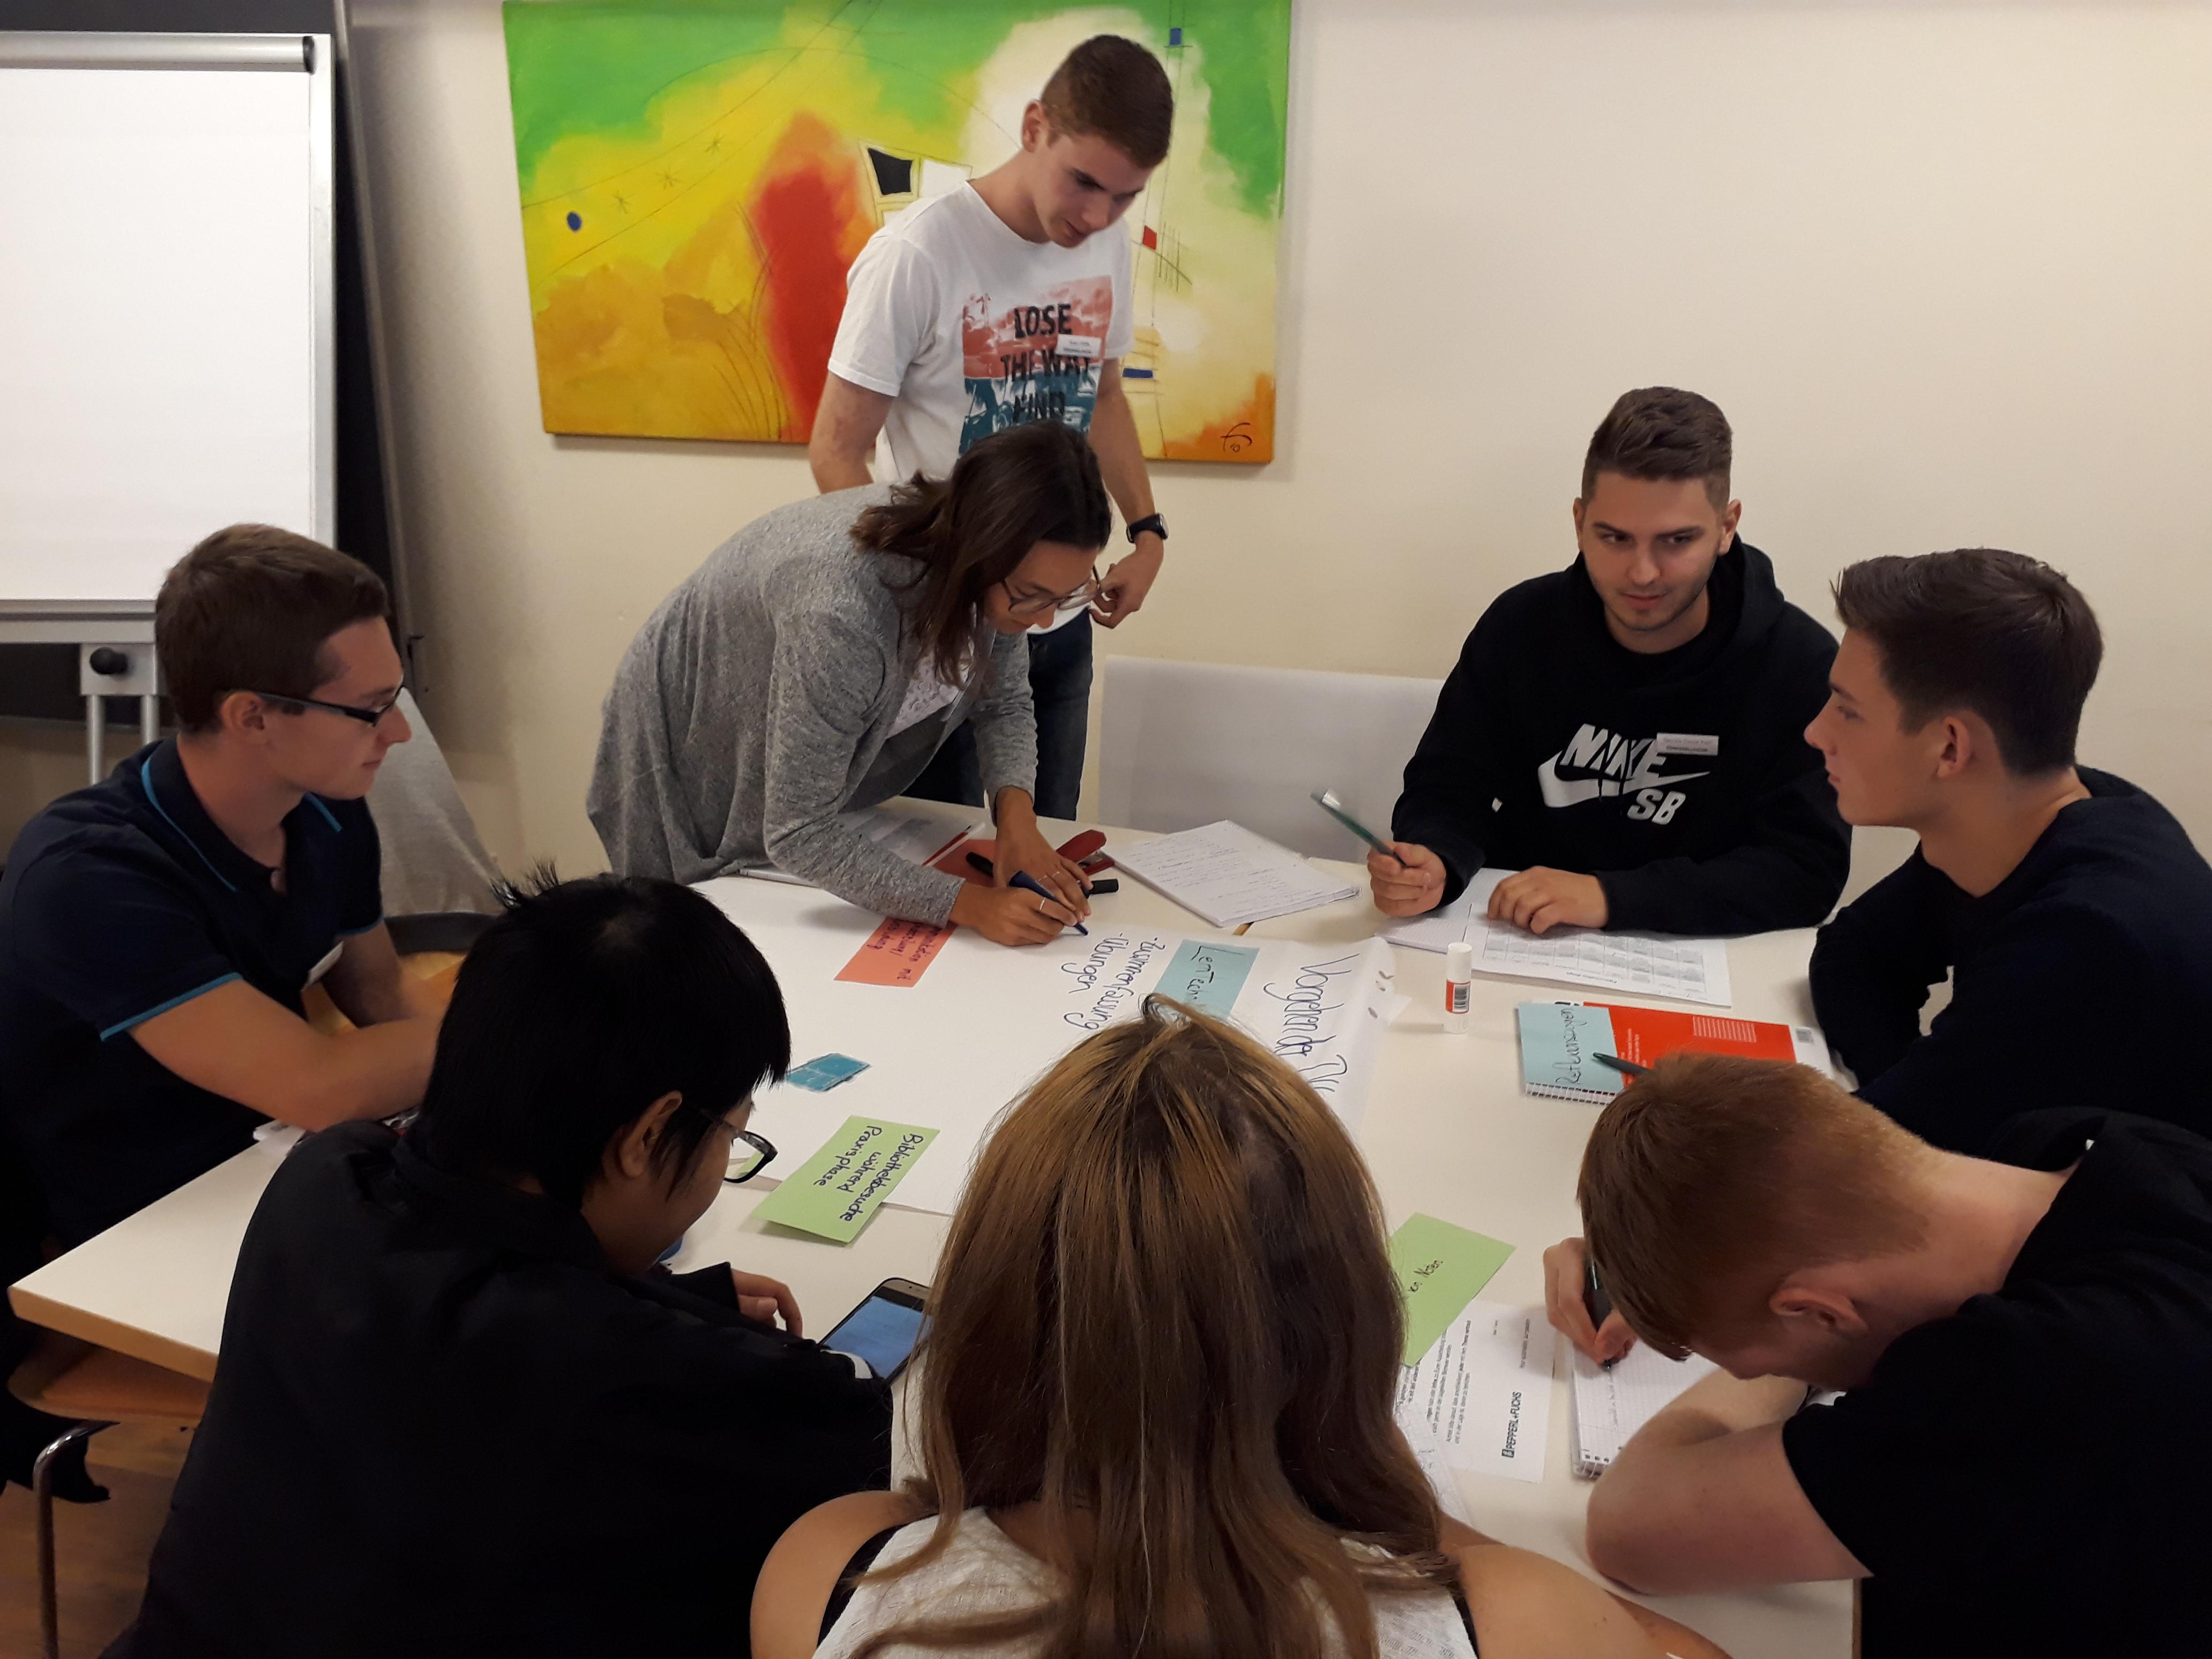 Einführungsseminar 2019 - Bei der Gruppenarbeit